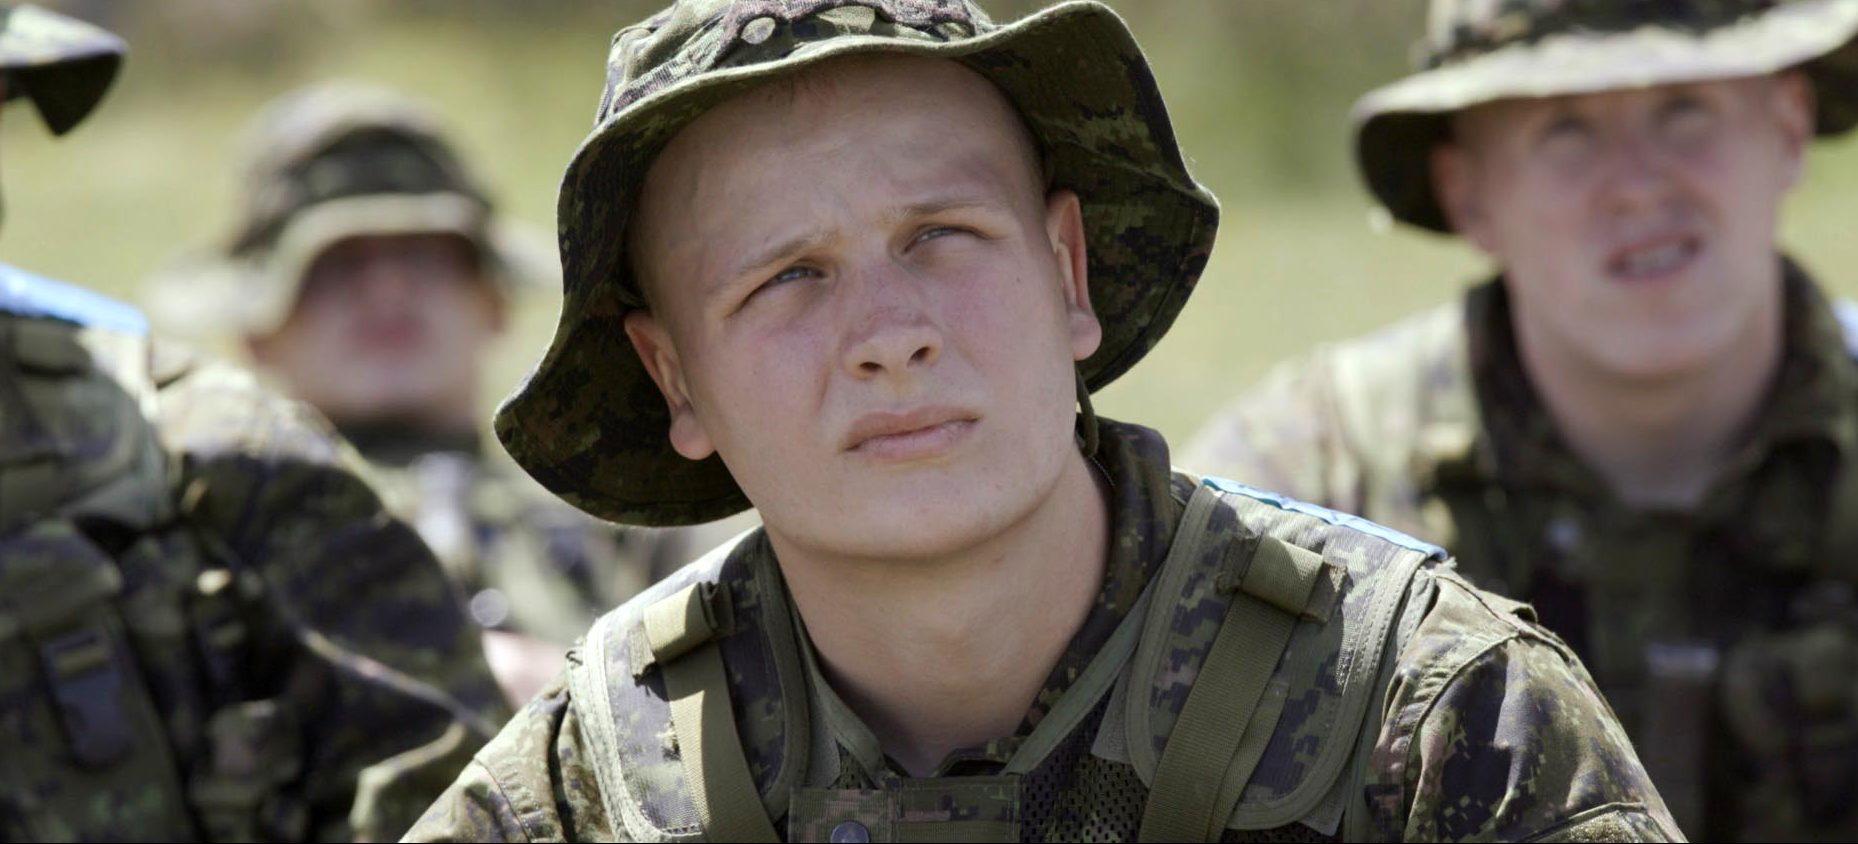 12 semaines aux côtés des recrues de l'armée canadienne